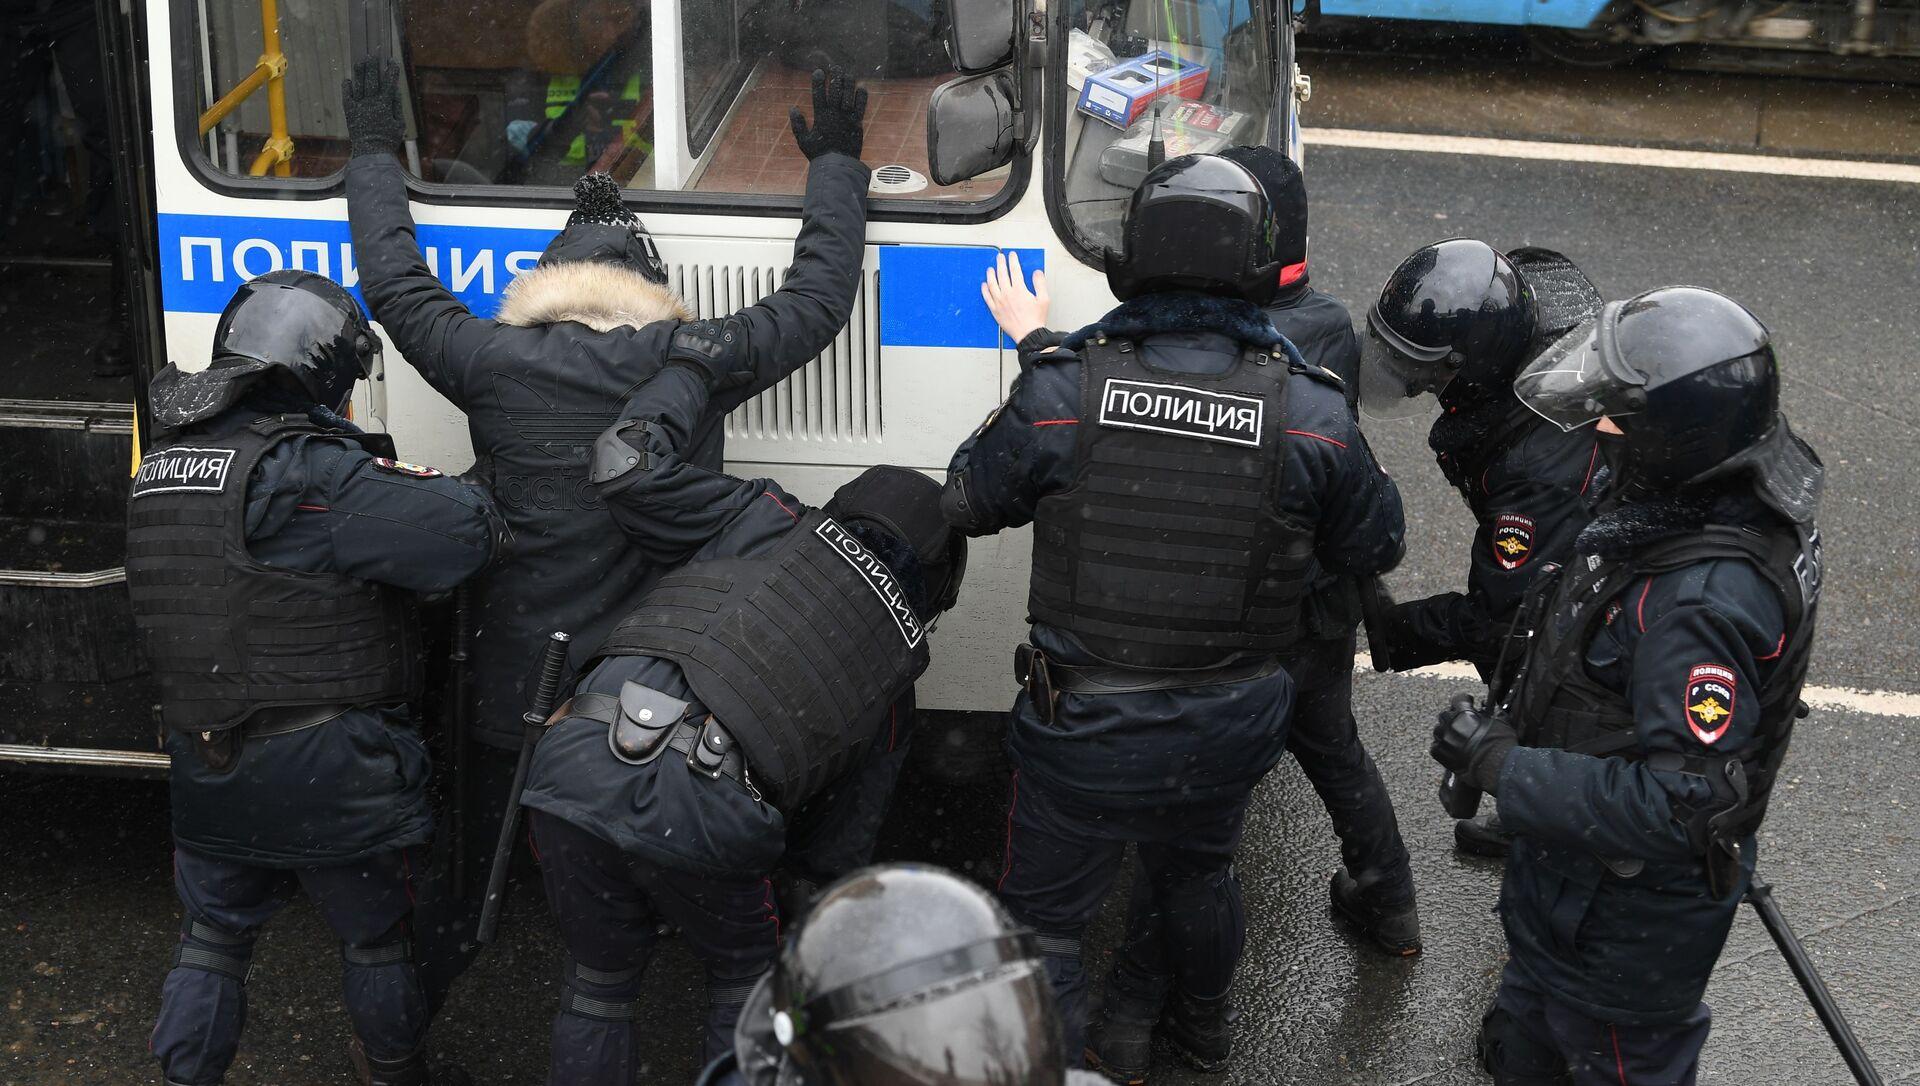 Agenti di polizia arrestano i partecipanti alle manifestazioni non autorizzate a sostegno di Navalny a Mosca - Sputnik Italia, 1920, 07.02.2021